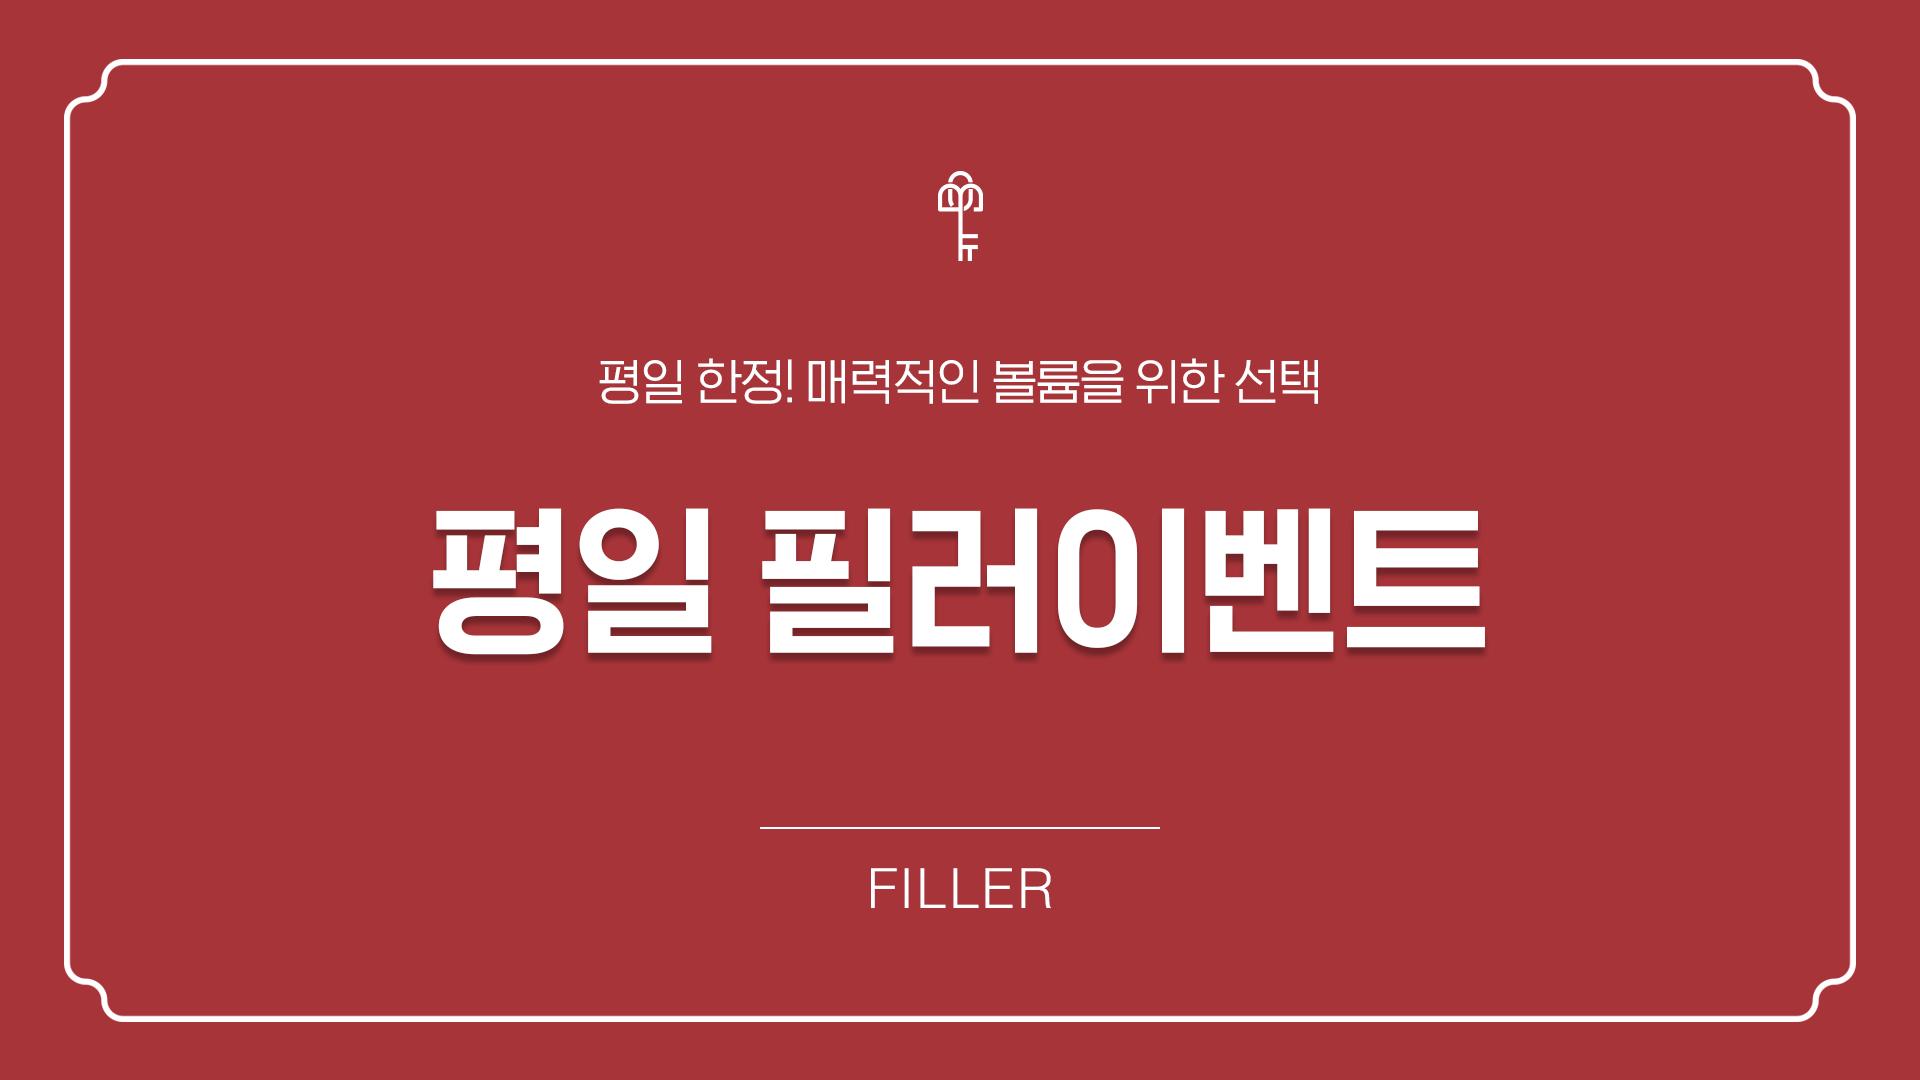 [앵콜특가] 평일 필러이벤트 !